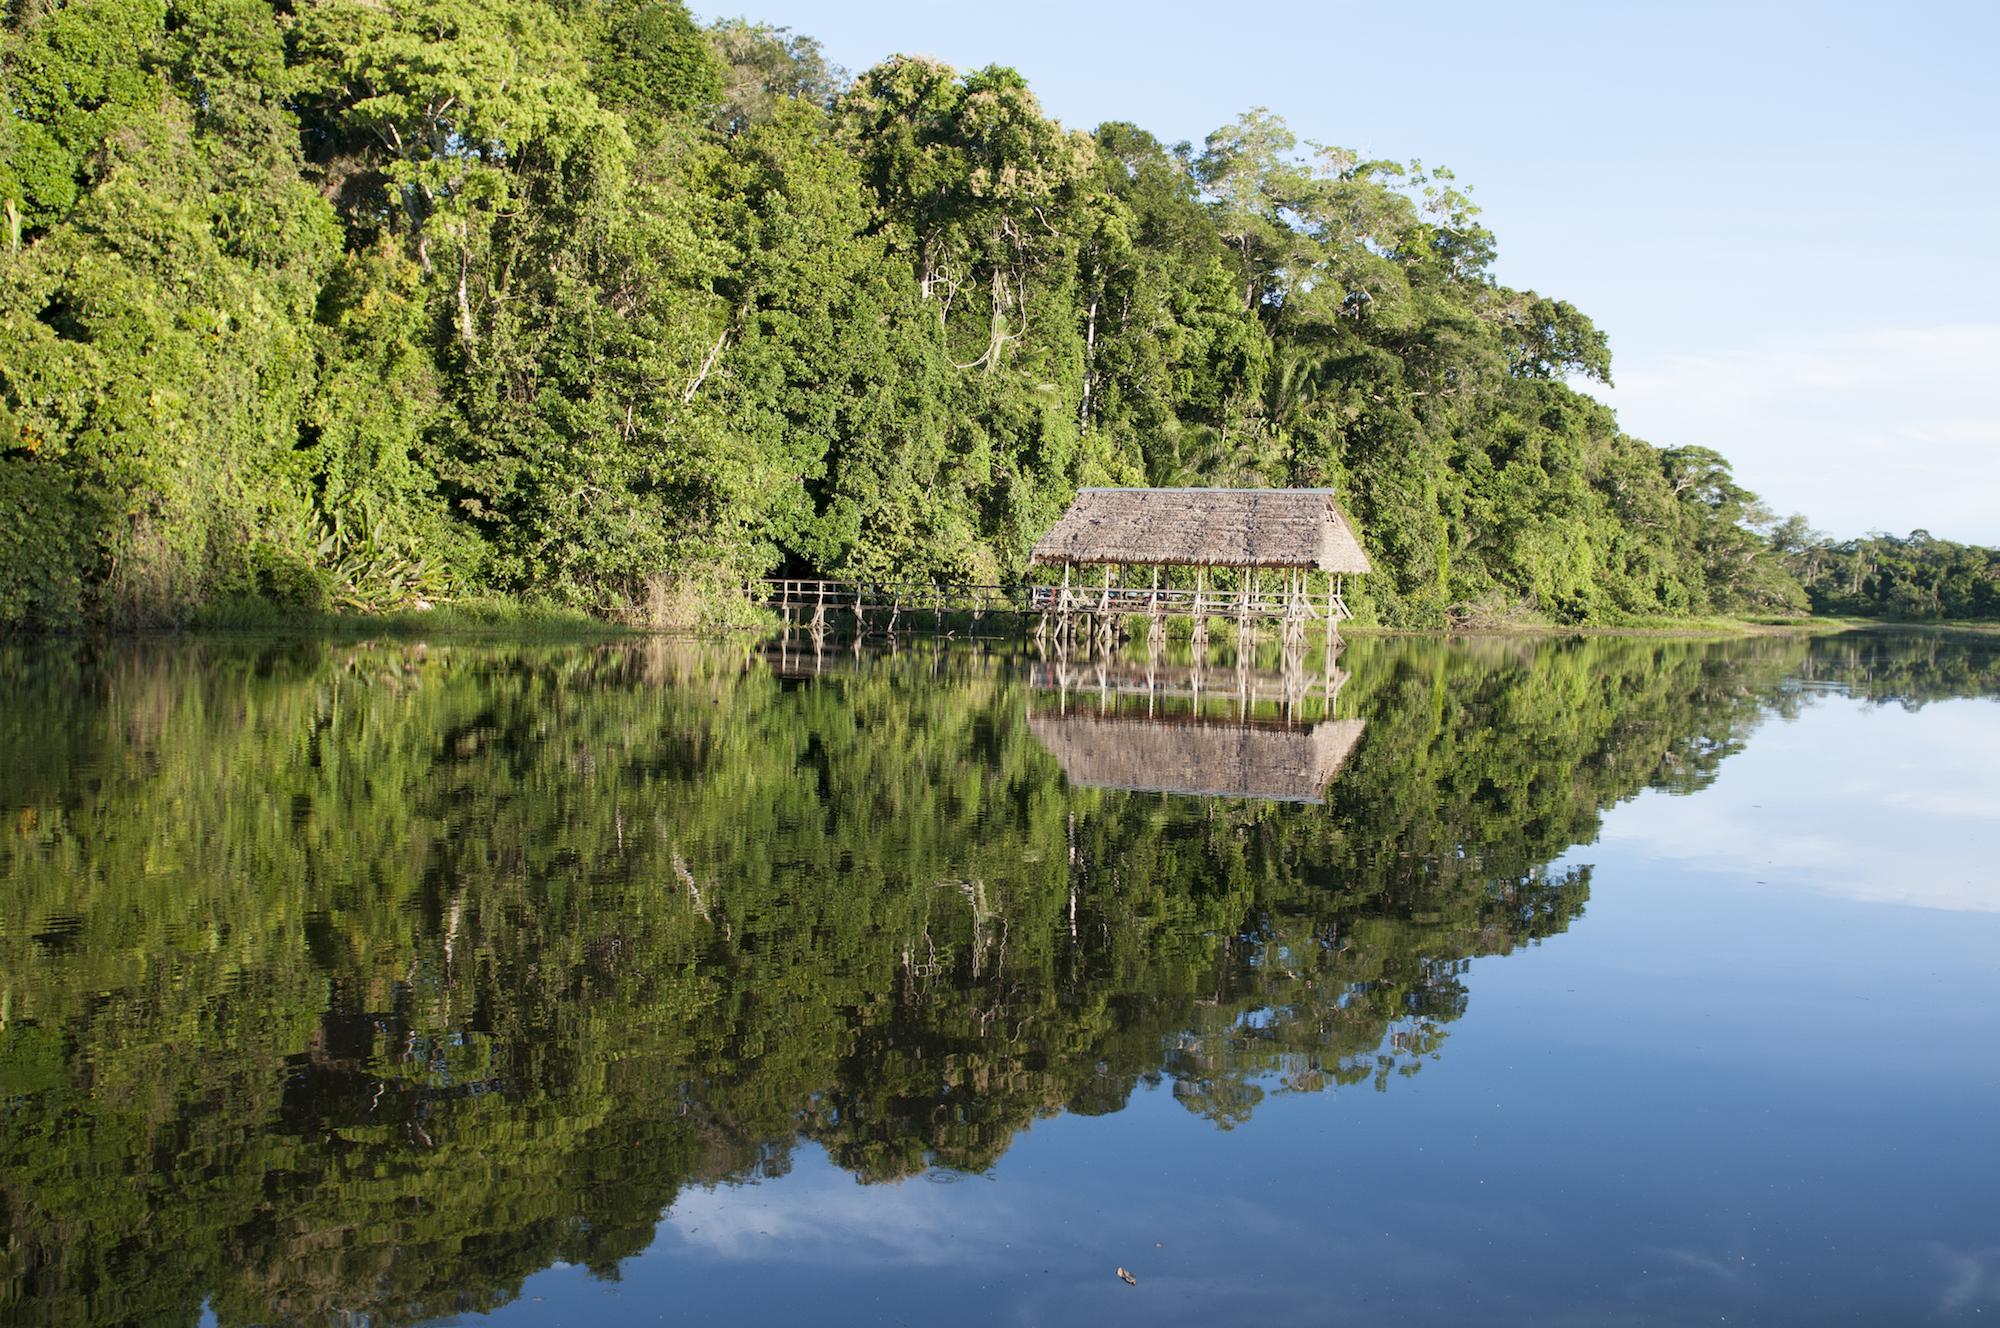 La Reserva Comunal Amarakaeri, en la región de Madre de Dios, fue categorizada como área reservada en el año 2002. Foto: Iñigo Maneiro / Sernanp.